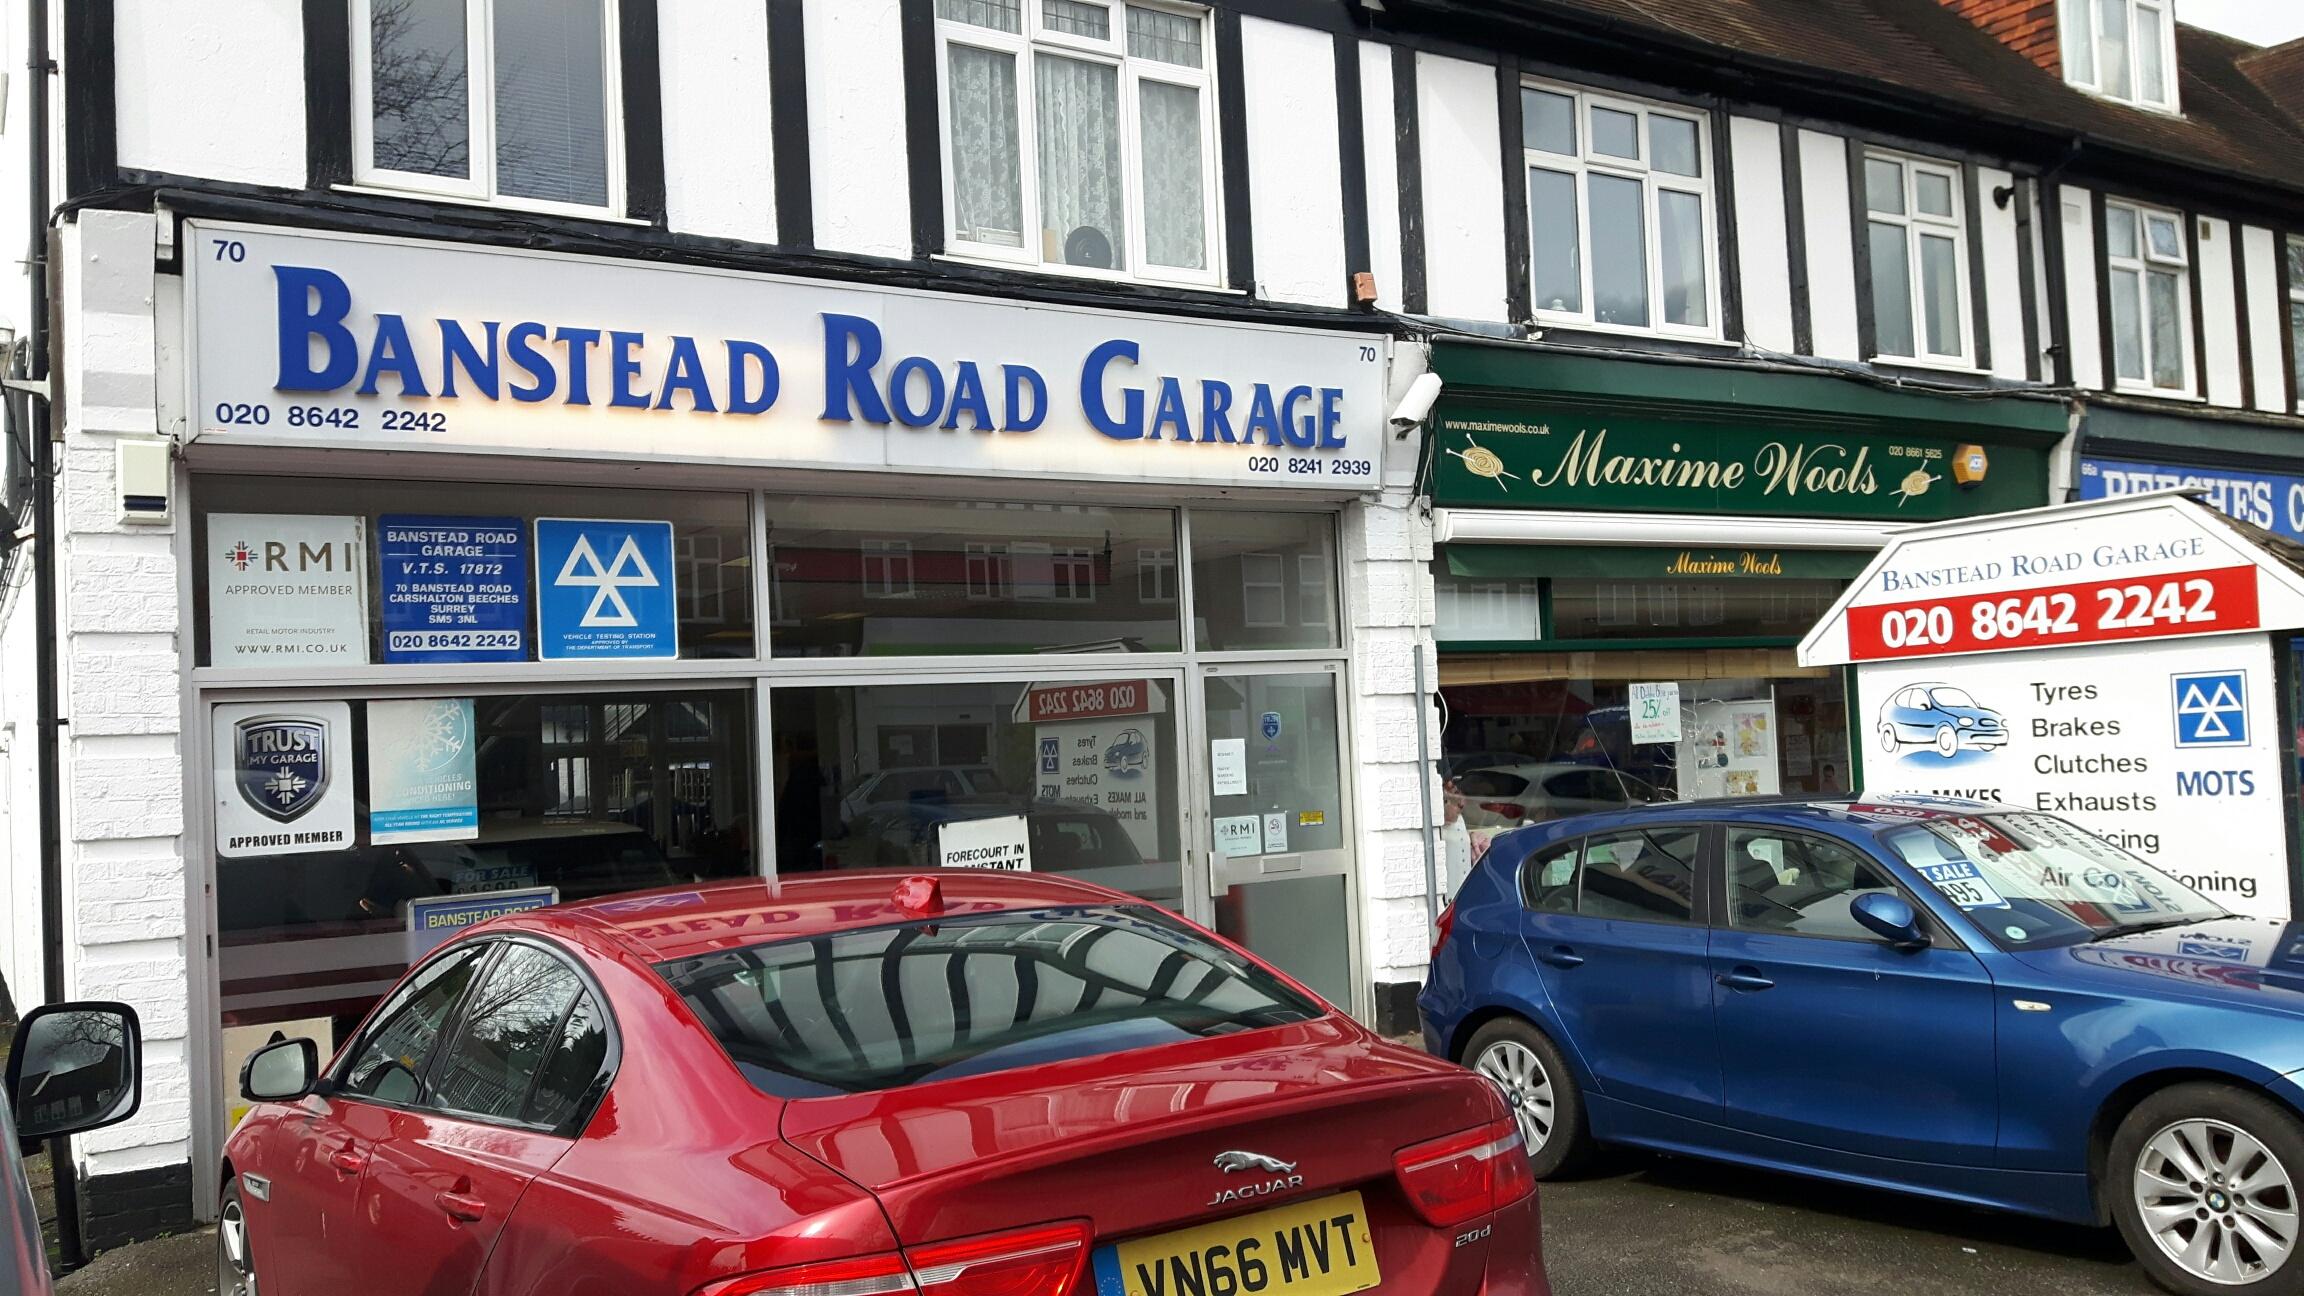 Banstead Road Garage